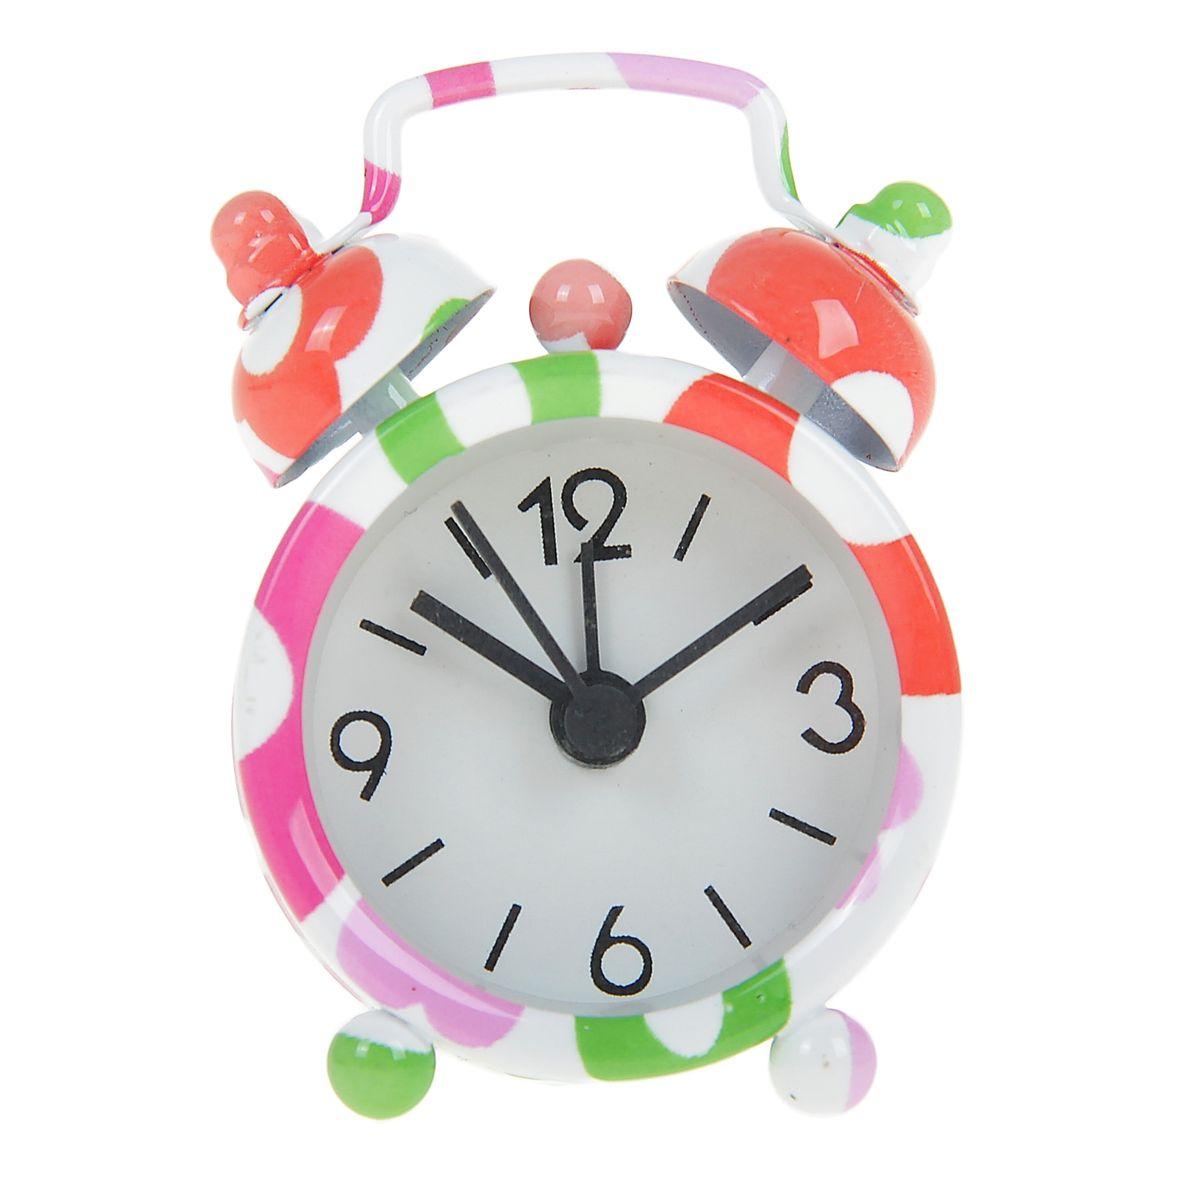 Часы-будильник Sima-land Полевые цветы840963Как же сложно иногда вставать вовремя! Всегда так хочется поспать еще хотя бы 5 минут и бывает, что мы просыпаем. Теперь этого не случится! Яркий, оригинальный будильник Sima-land Полевые цветы поможет вам всегда вставать в нужное время и успевать везде и всюду. Будильник украсит вашу комнату и приведет в восхищение друзей. Эта уменьшенная версия привычного будильника умещается на ладони и работает так же громко, как и привычные аналоги. Время показывает точно и будит в установленный час. На задней панели будильника расположены переключатель включения/выключения механизма, а также два колесика для настройки текущего времени и времени звонка будильника. Будильник работает от 1 батарейки типа LR44 (входит в комплект).